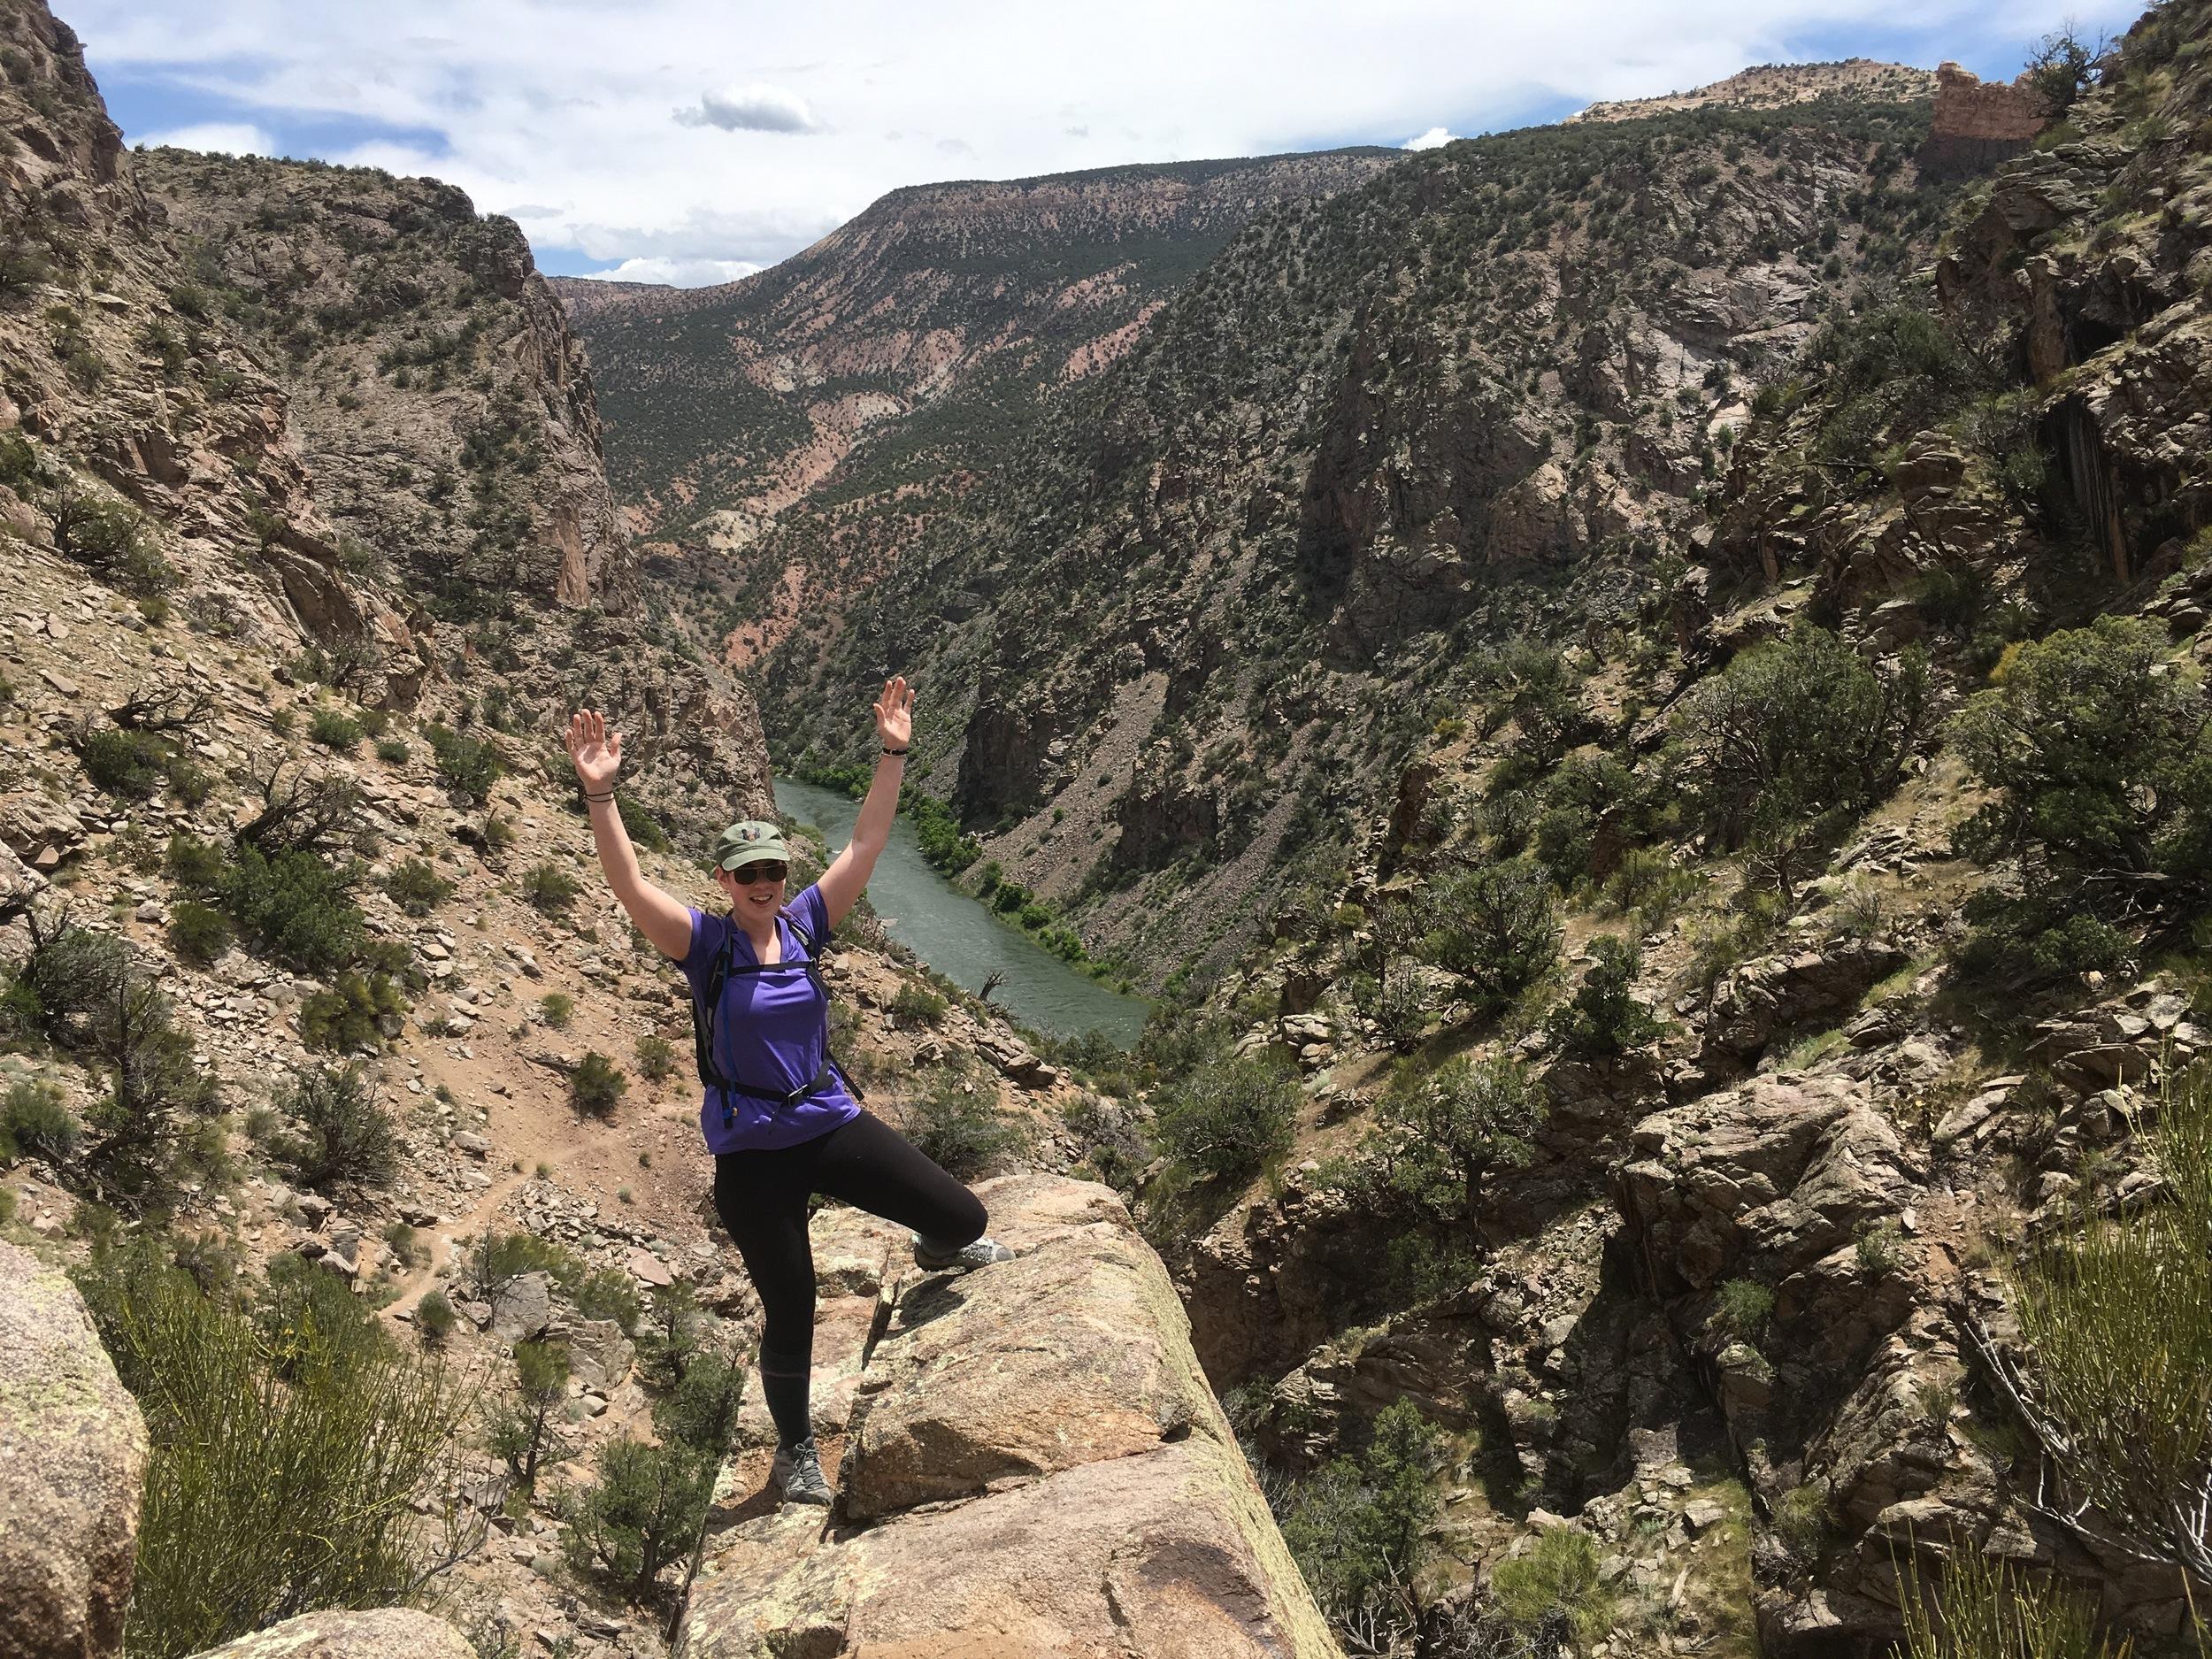 Big arms, big canyon!